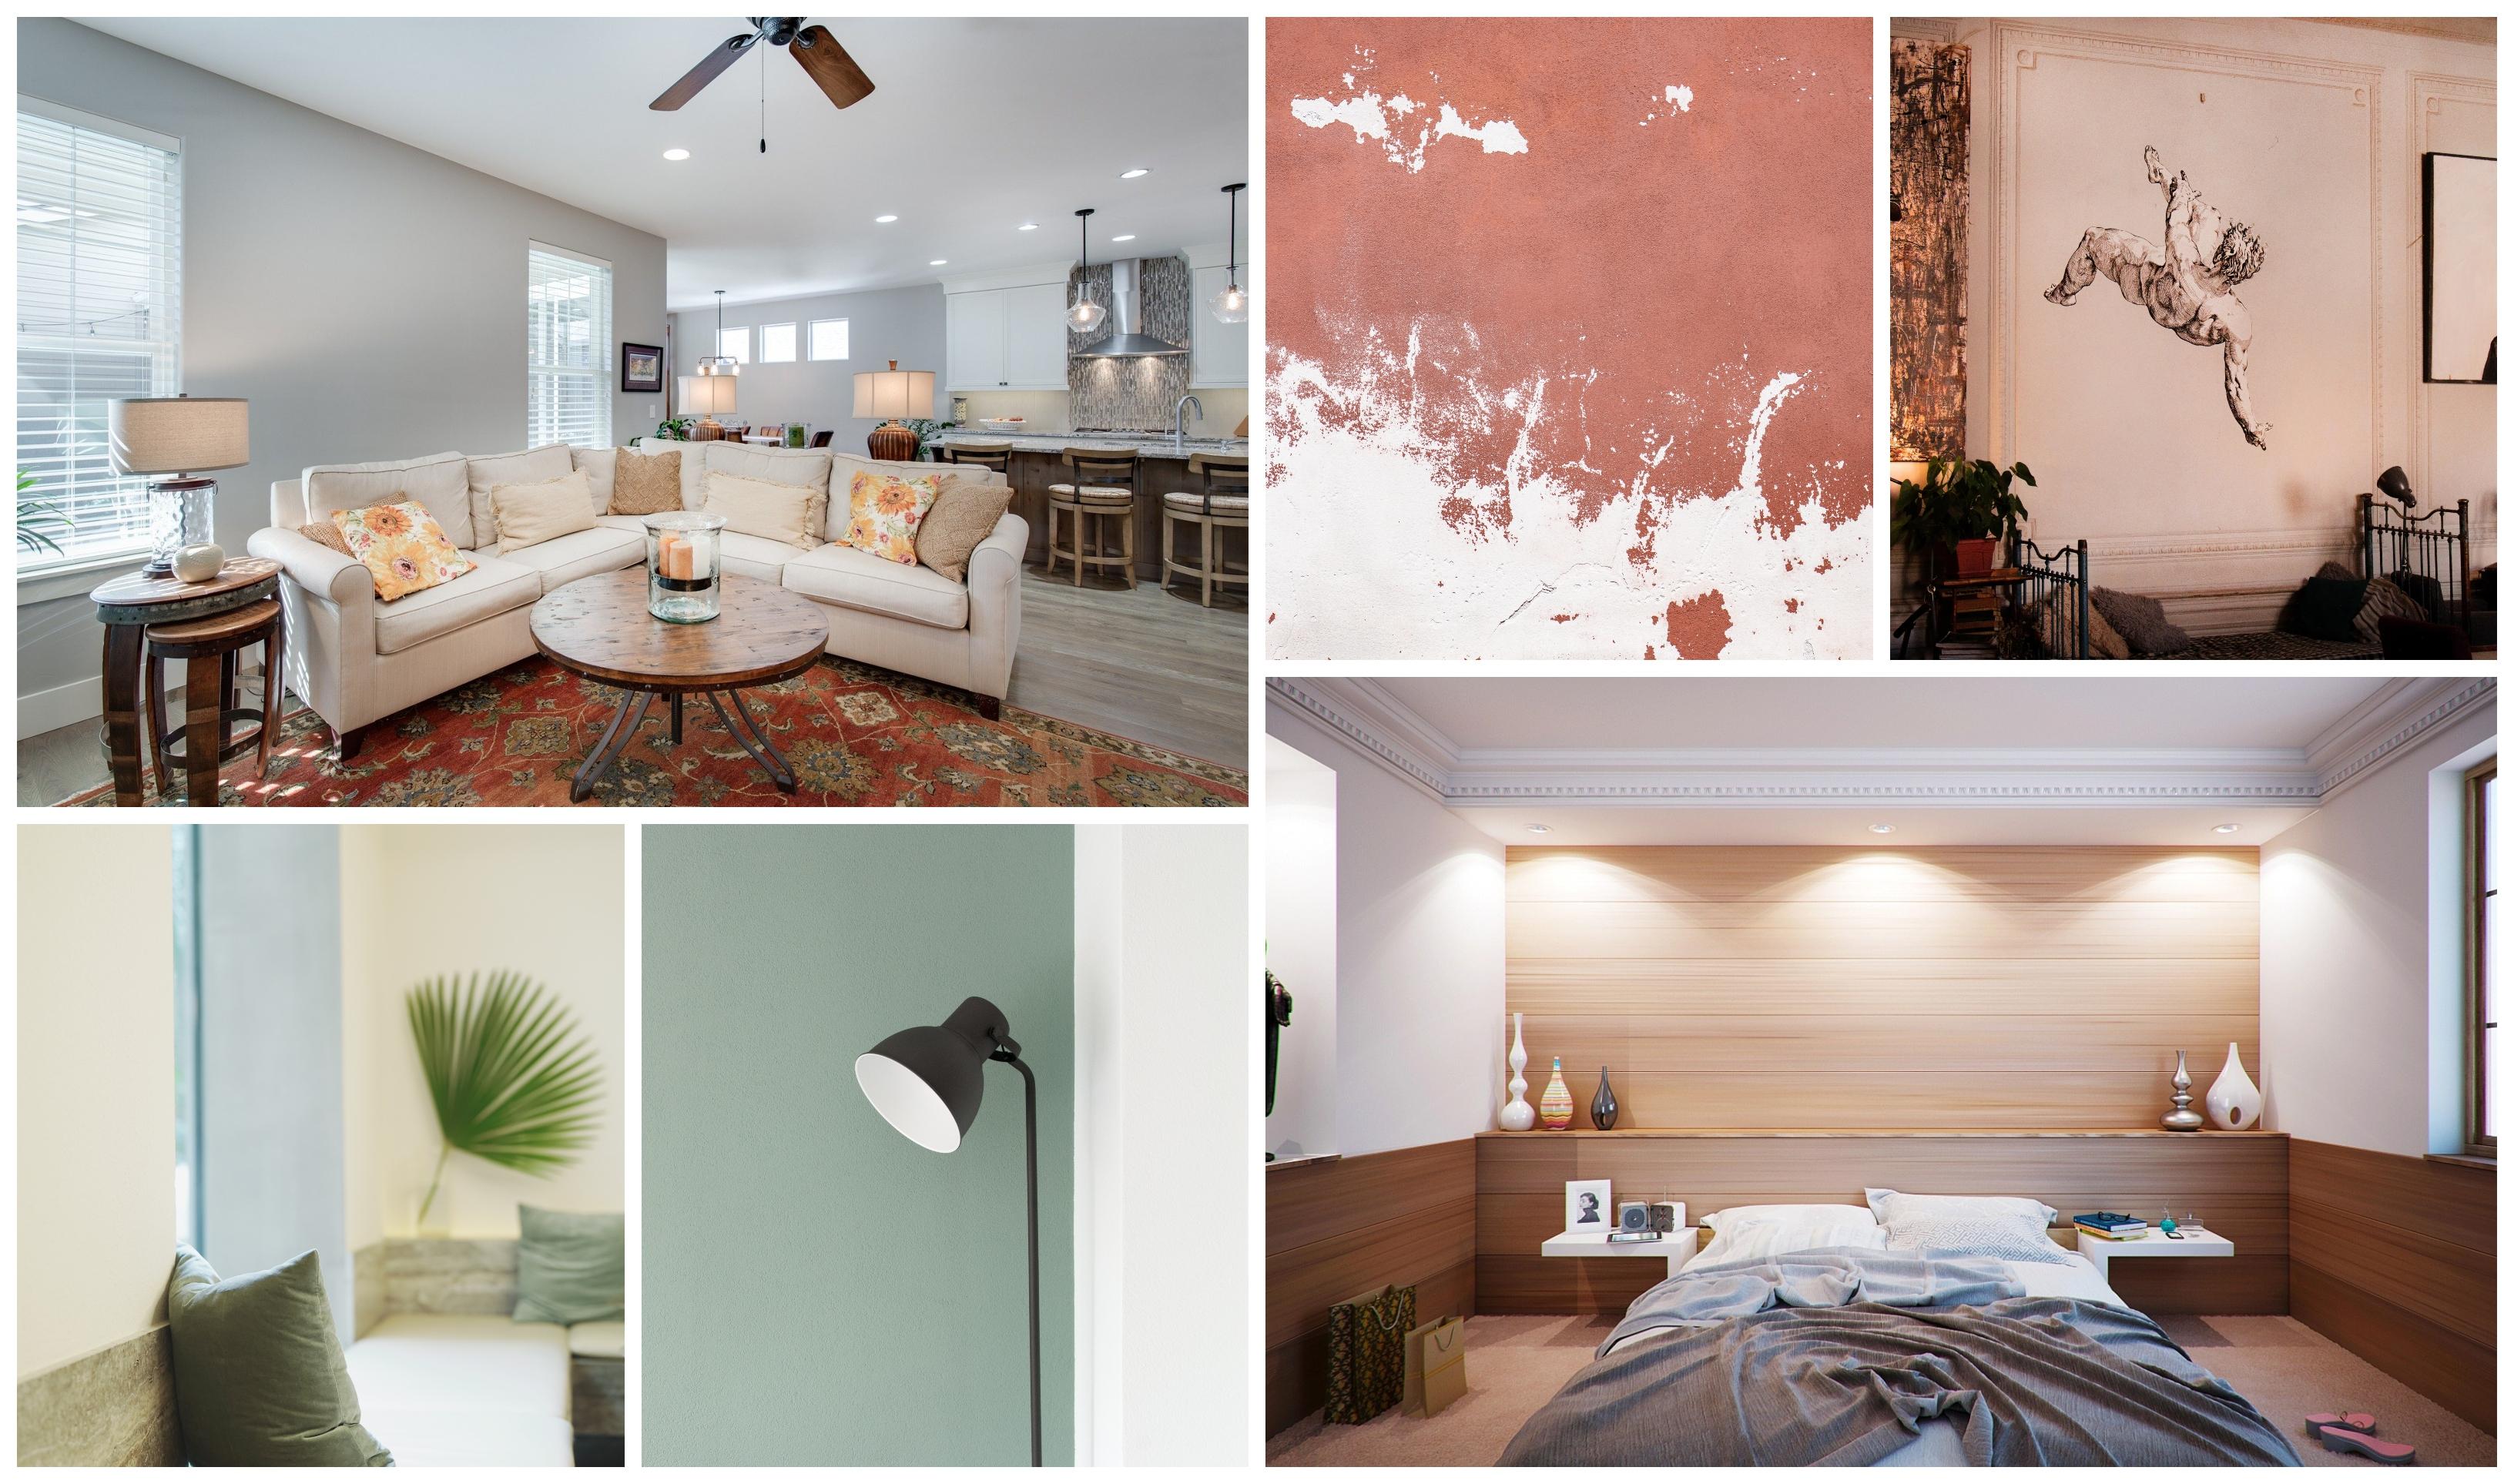 Quel Mur Peindre En Couleur Salon ▷ 1001 + idées pour peindre une chambre en deux couleurs